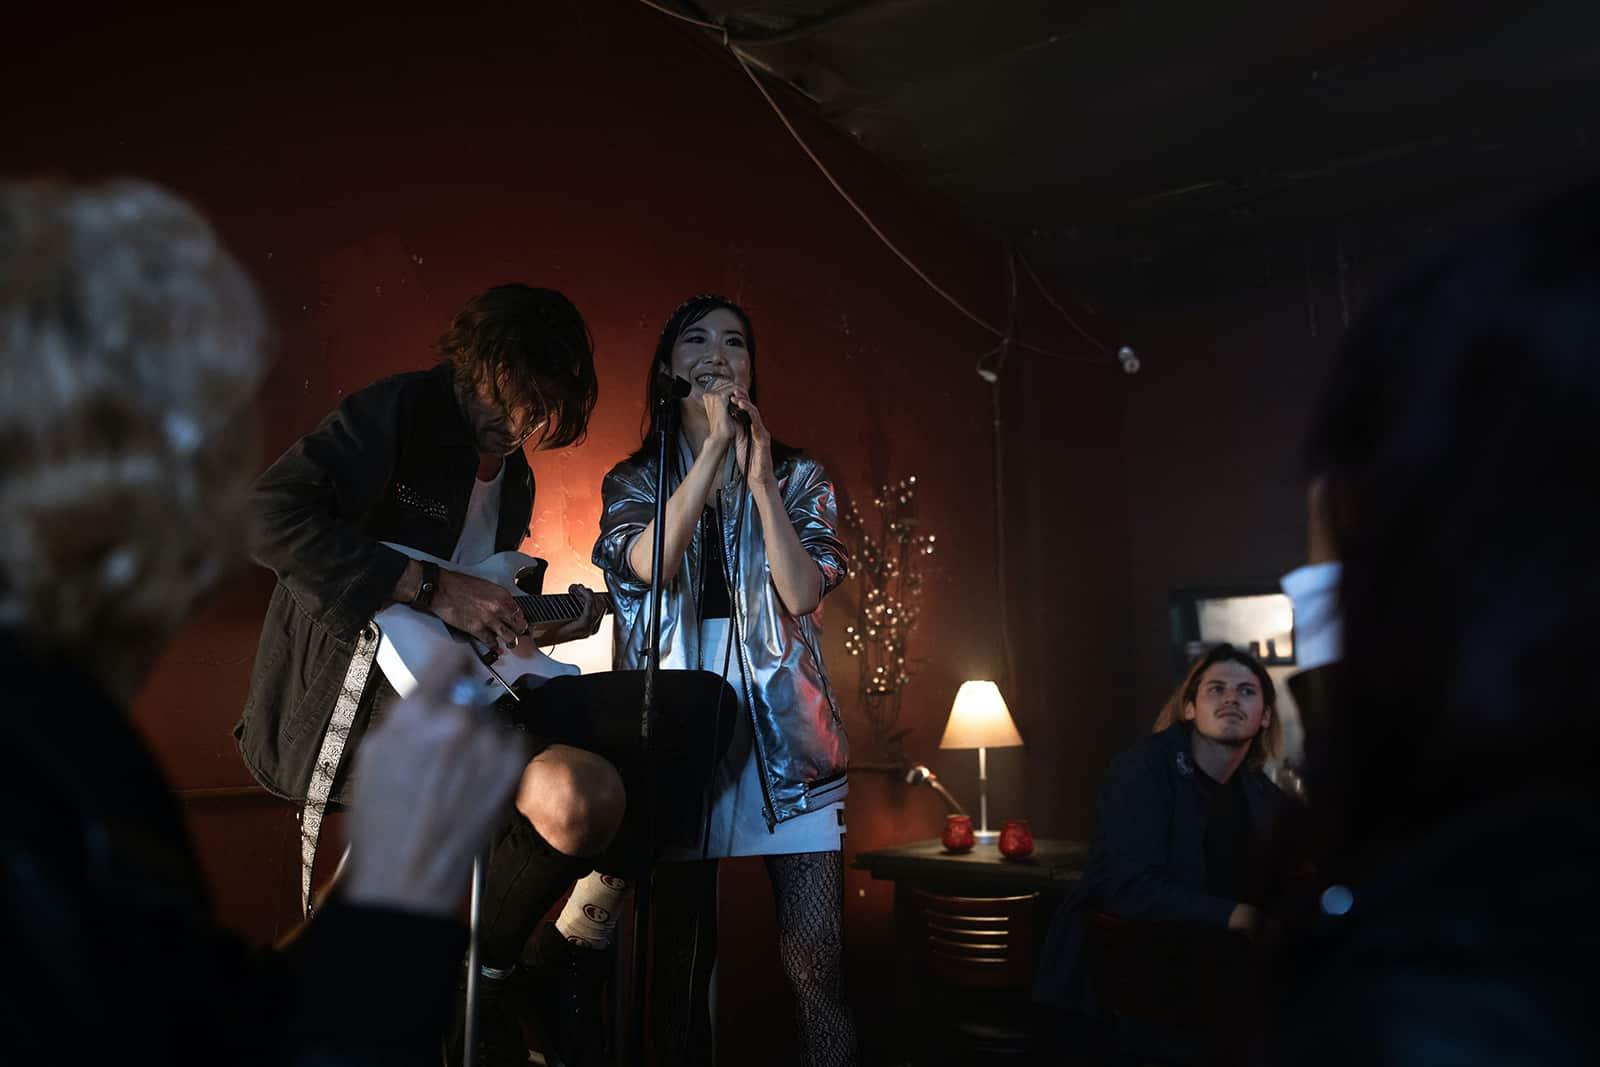 eine Frau, die während der Karaoke-Nacht am Mikrofon singt